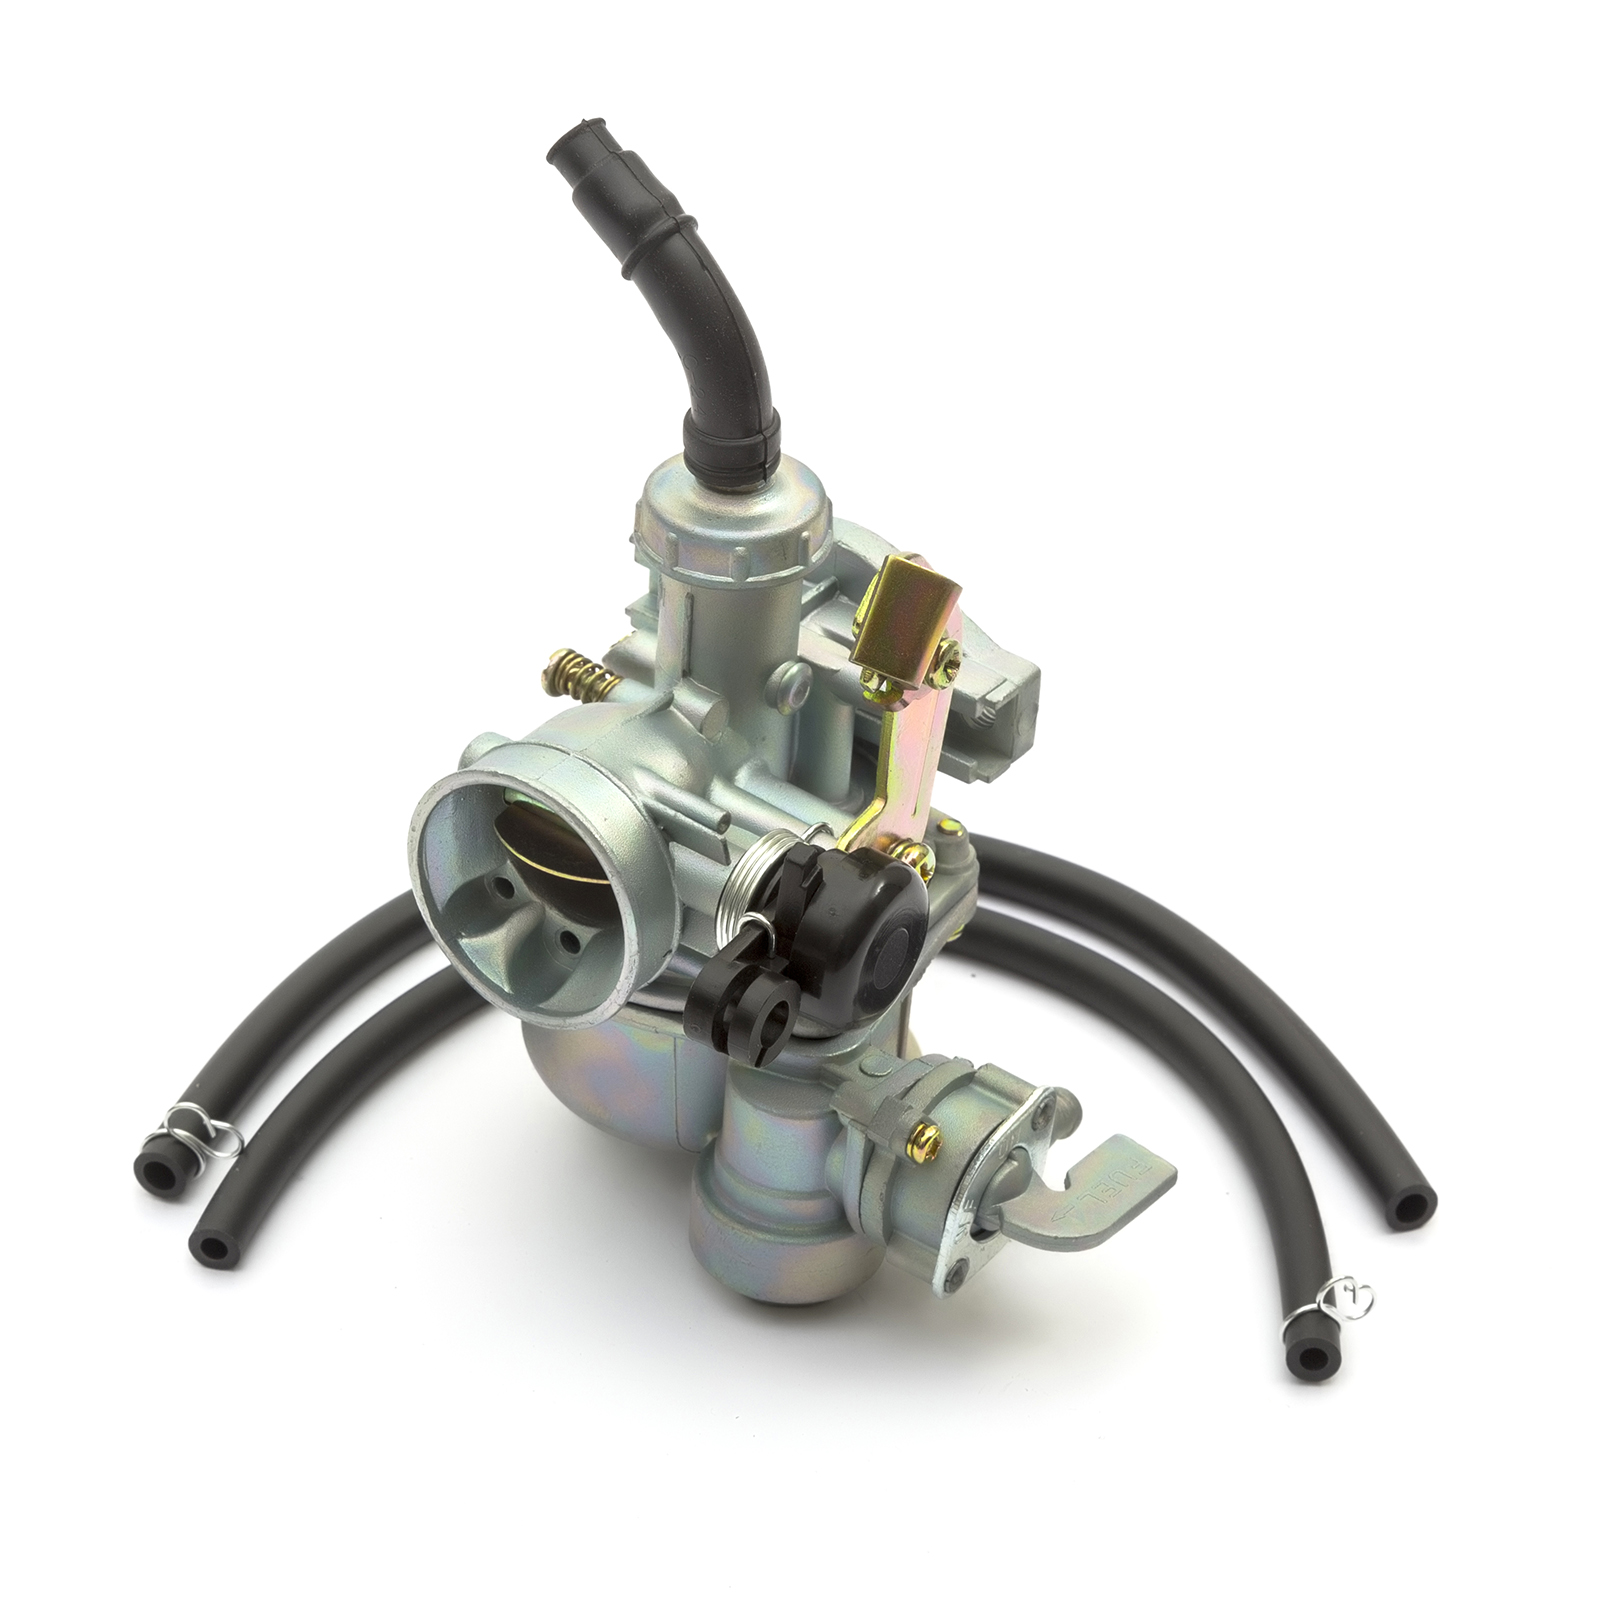 Silver 35mm Air Filter 125cc 110cc 90cc Dirt Pit Bikes Carburettor 15mm